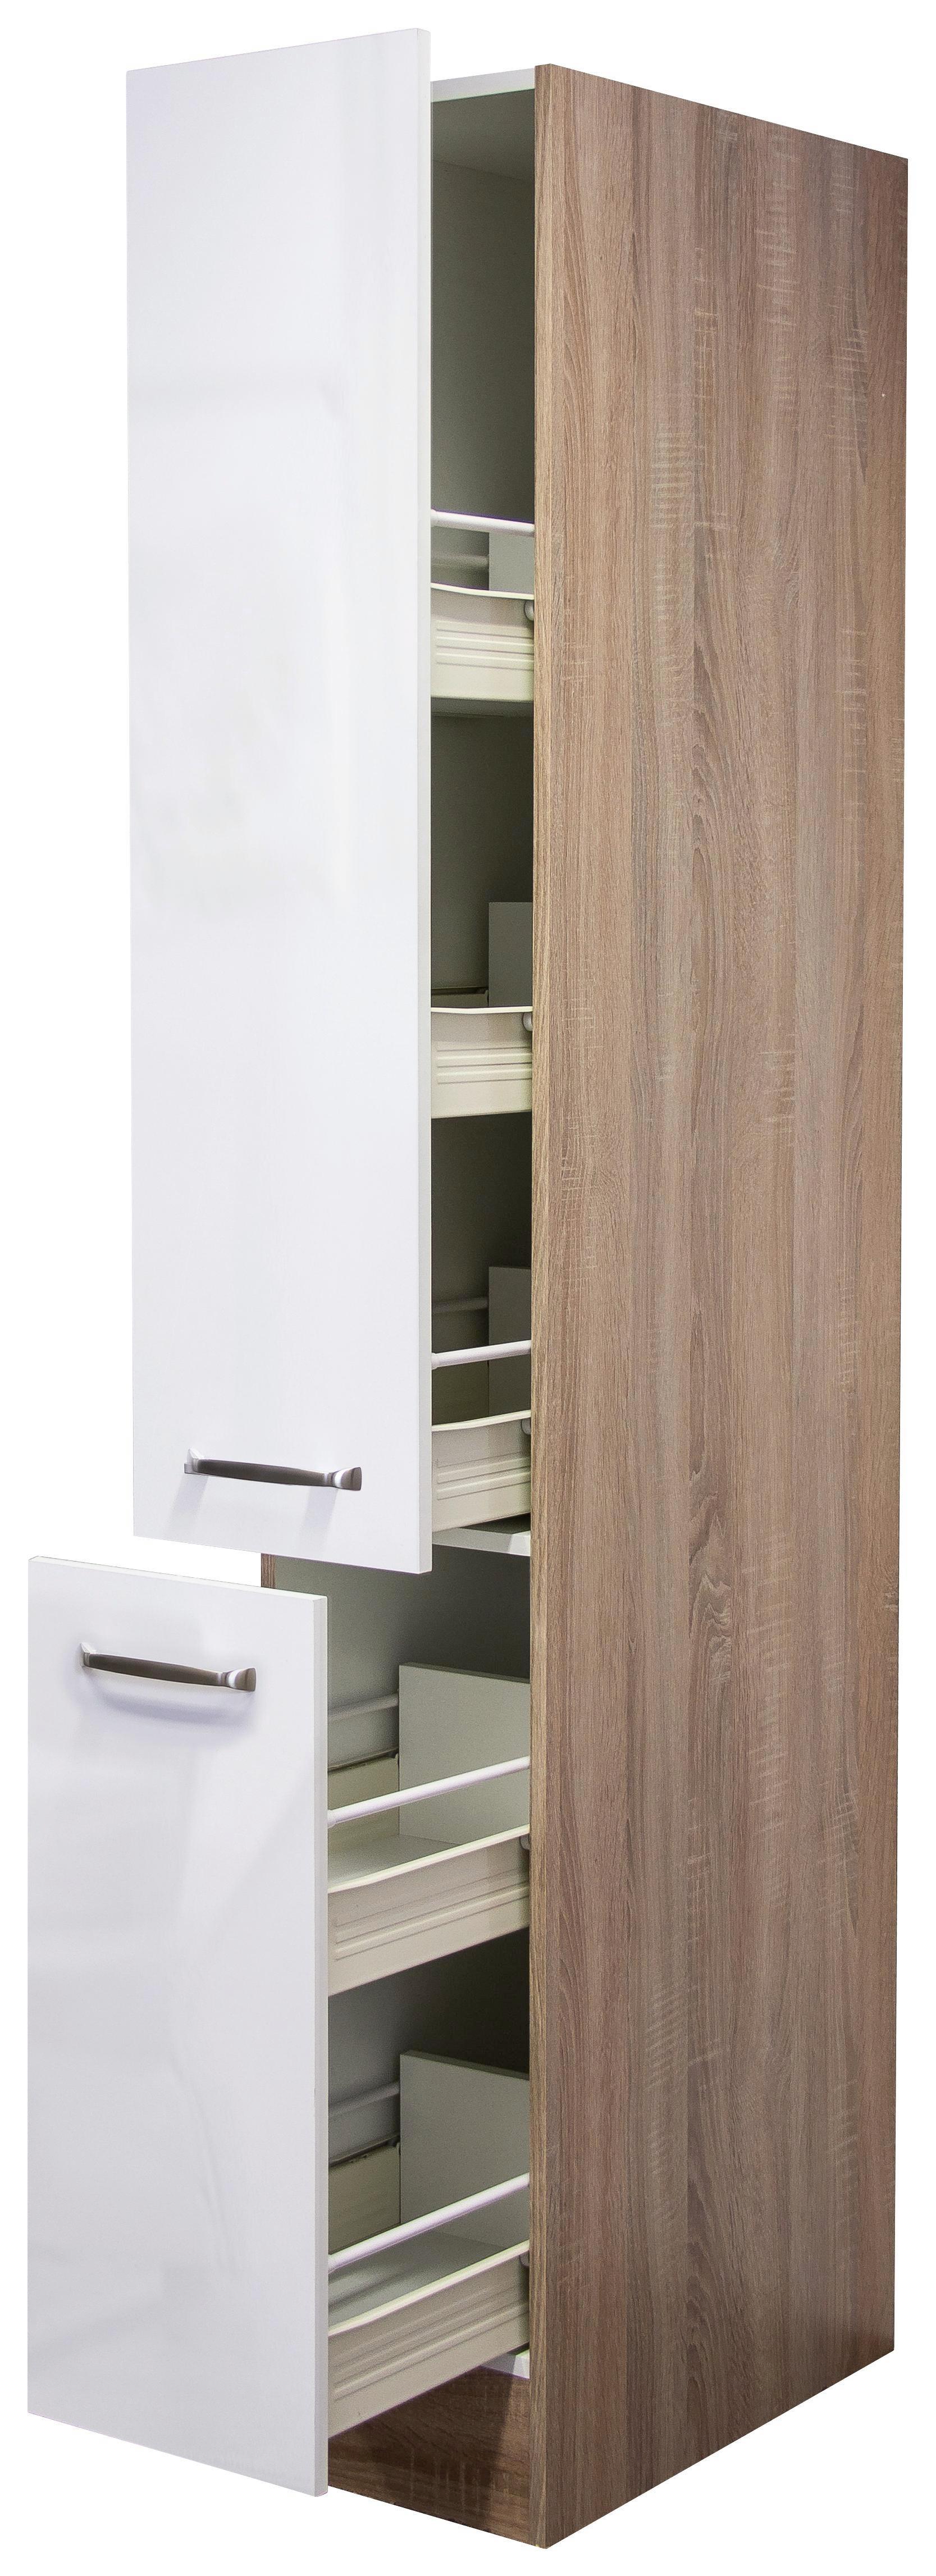 Apothekerschrank Weiß Hochglanz/eiche - Edelstahlfarben/Eichefarben, MODERN, Holzwerkstoff/Metall (30/200/57cm)